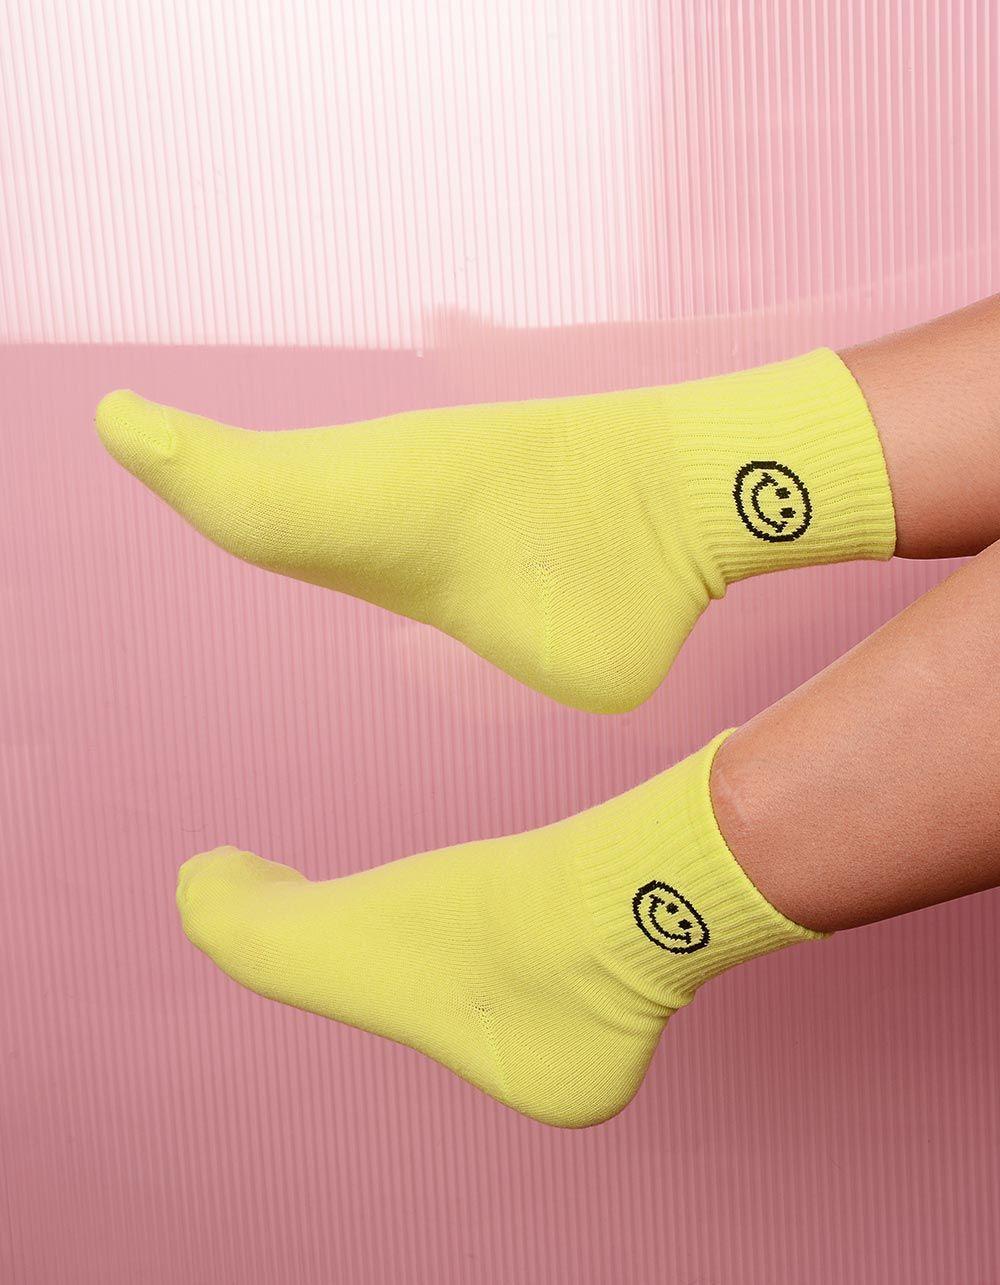 Шкарпетки зі смайликом   238523-19-XX